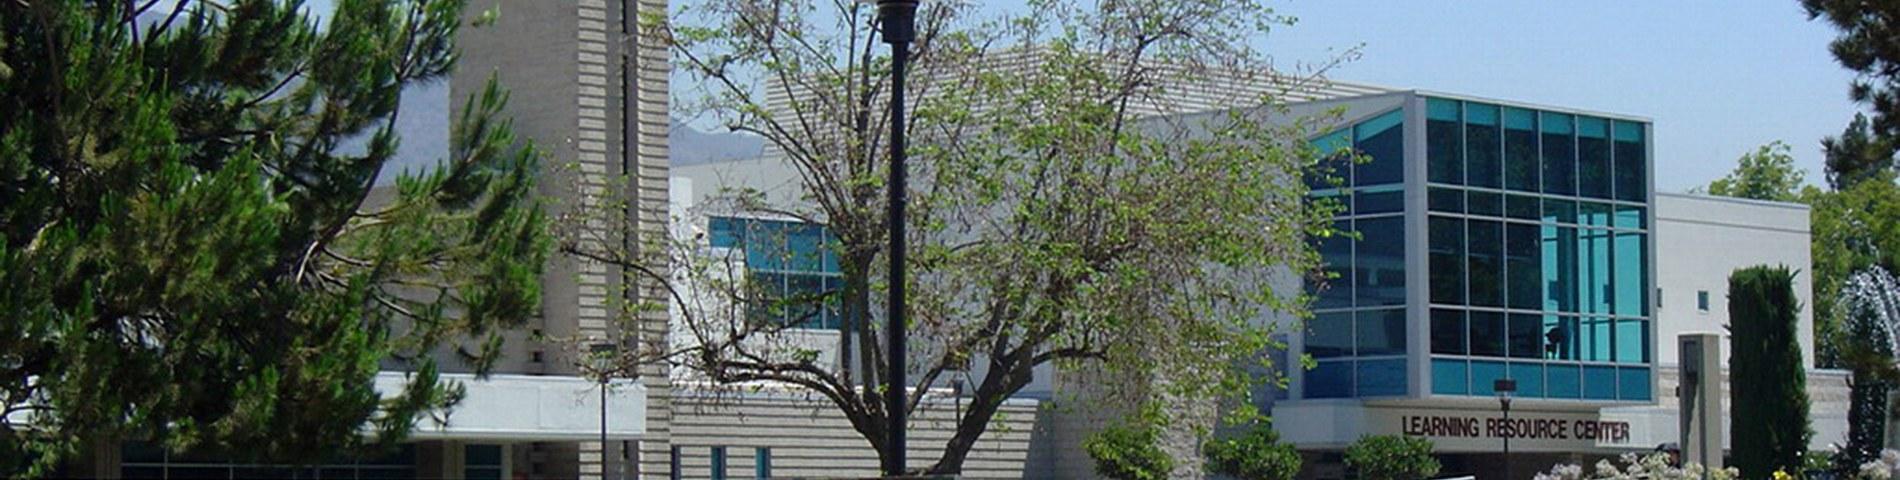 FLS Citrus College bild 1